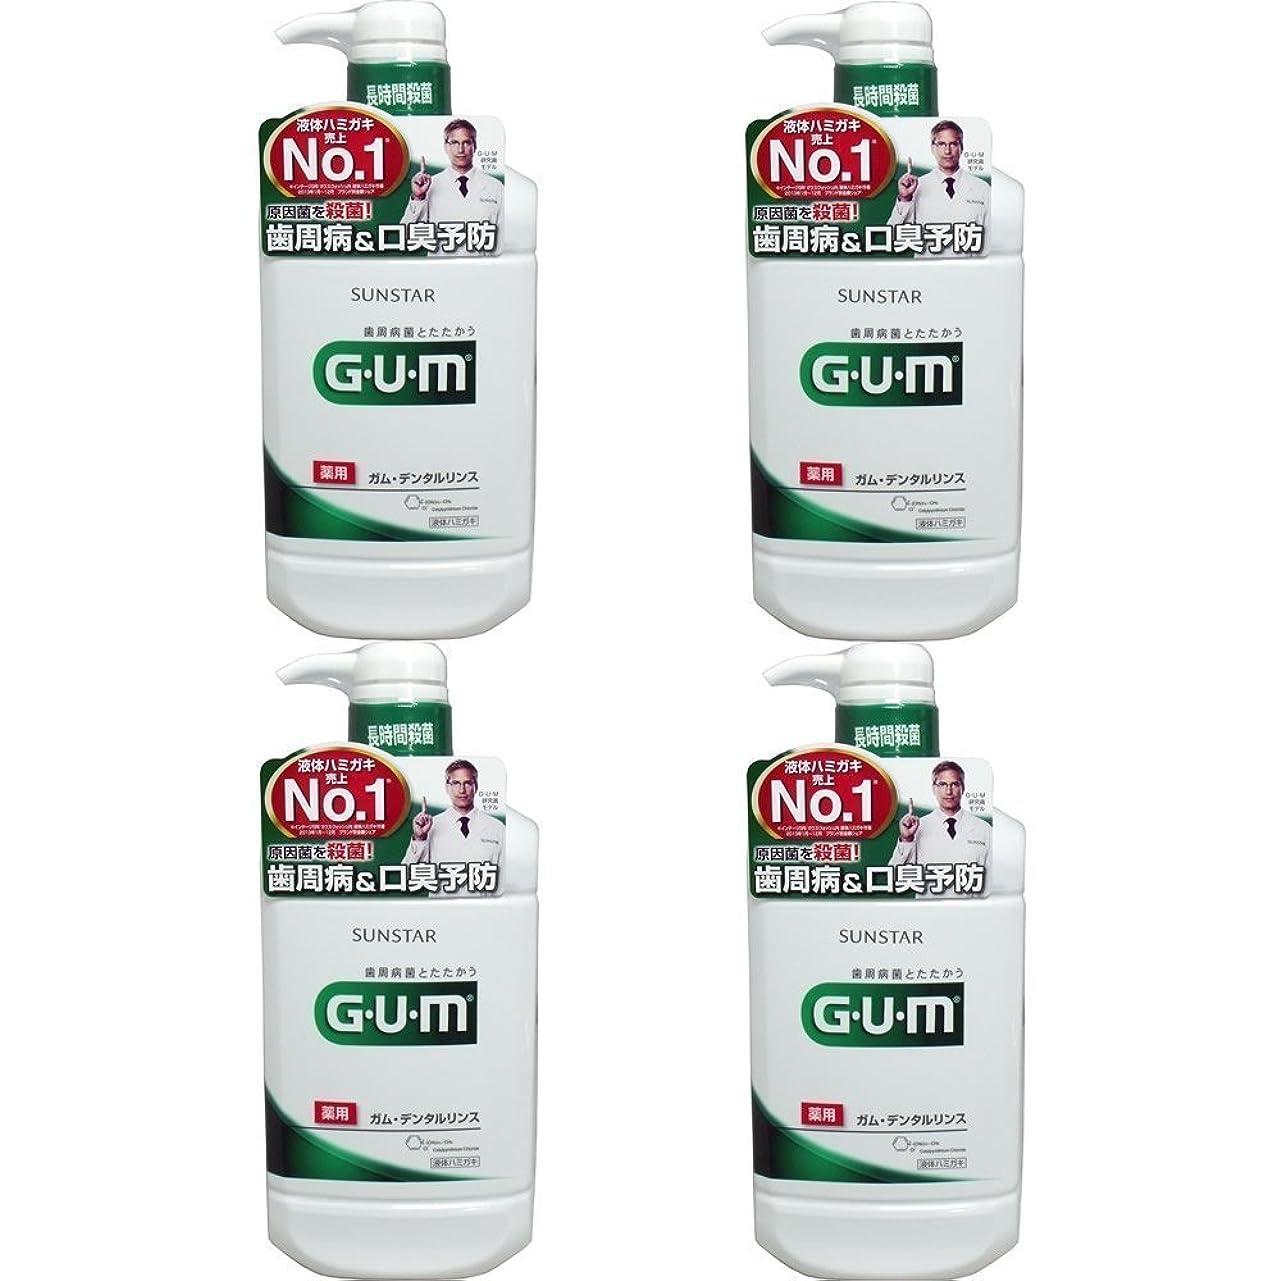 グラム川以上【セット品】GUM(ガム)?デンタルリンス (レギュラータイプ) 960mL (医薬部外品) (4個)